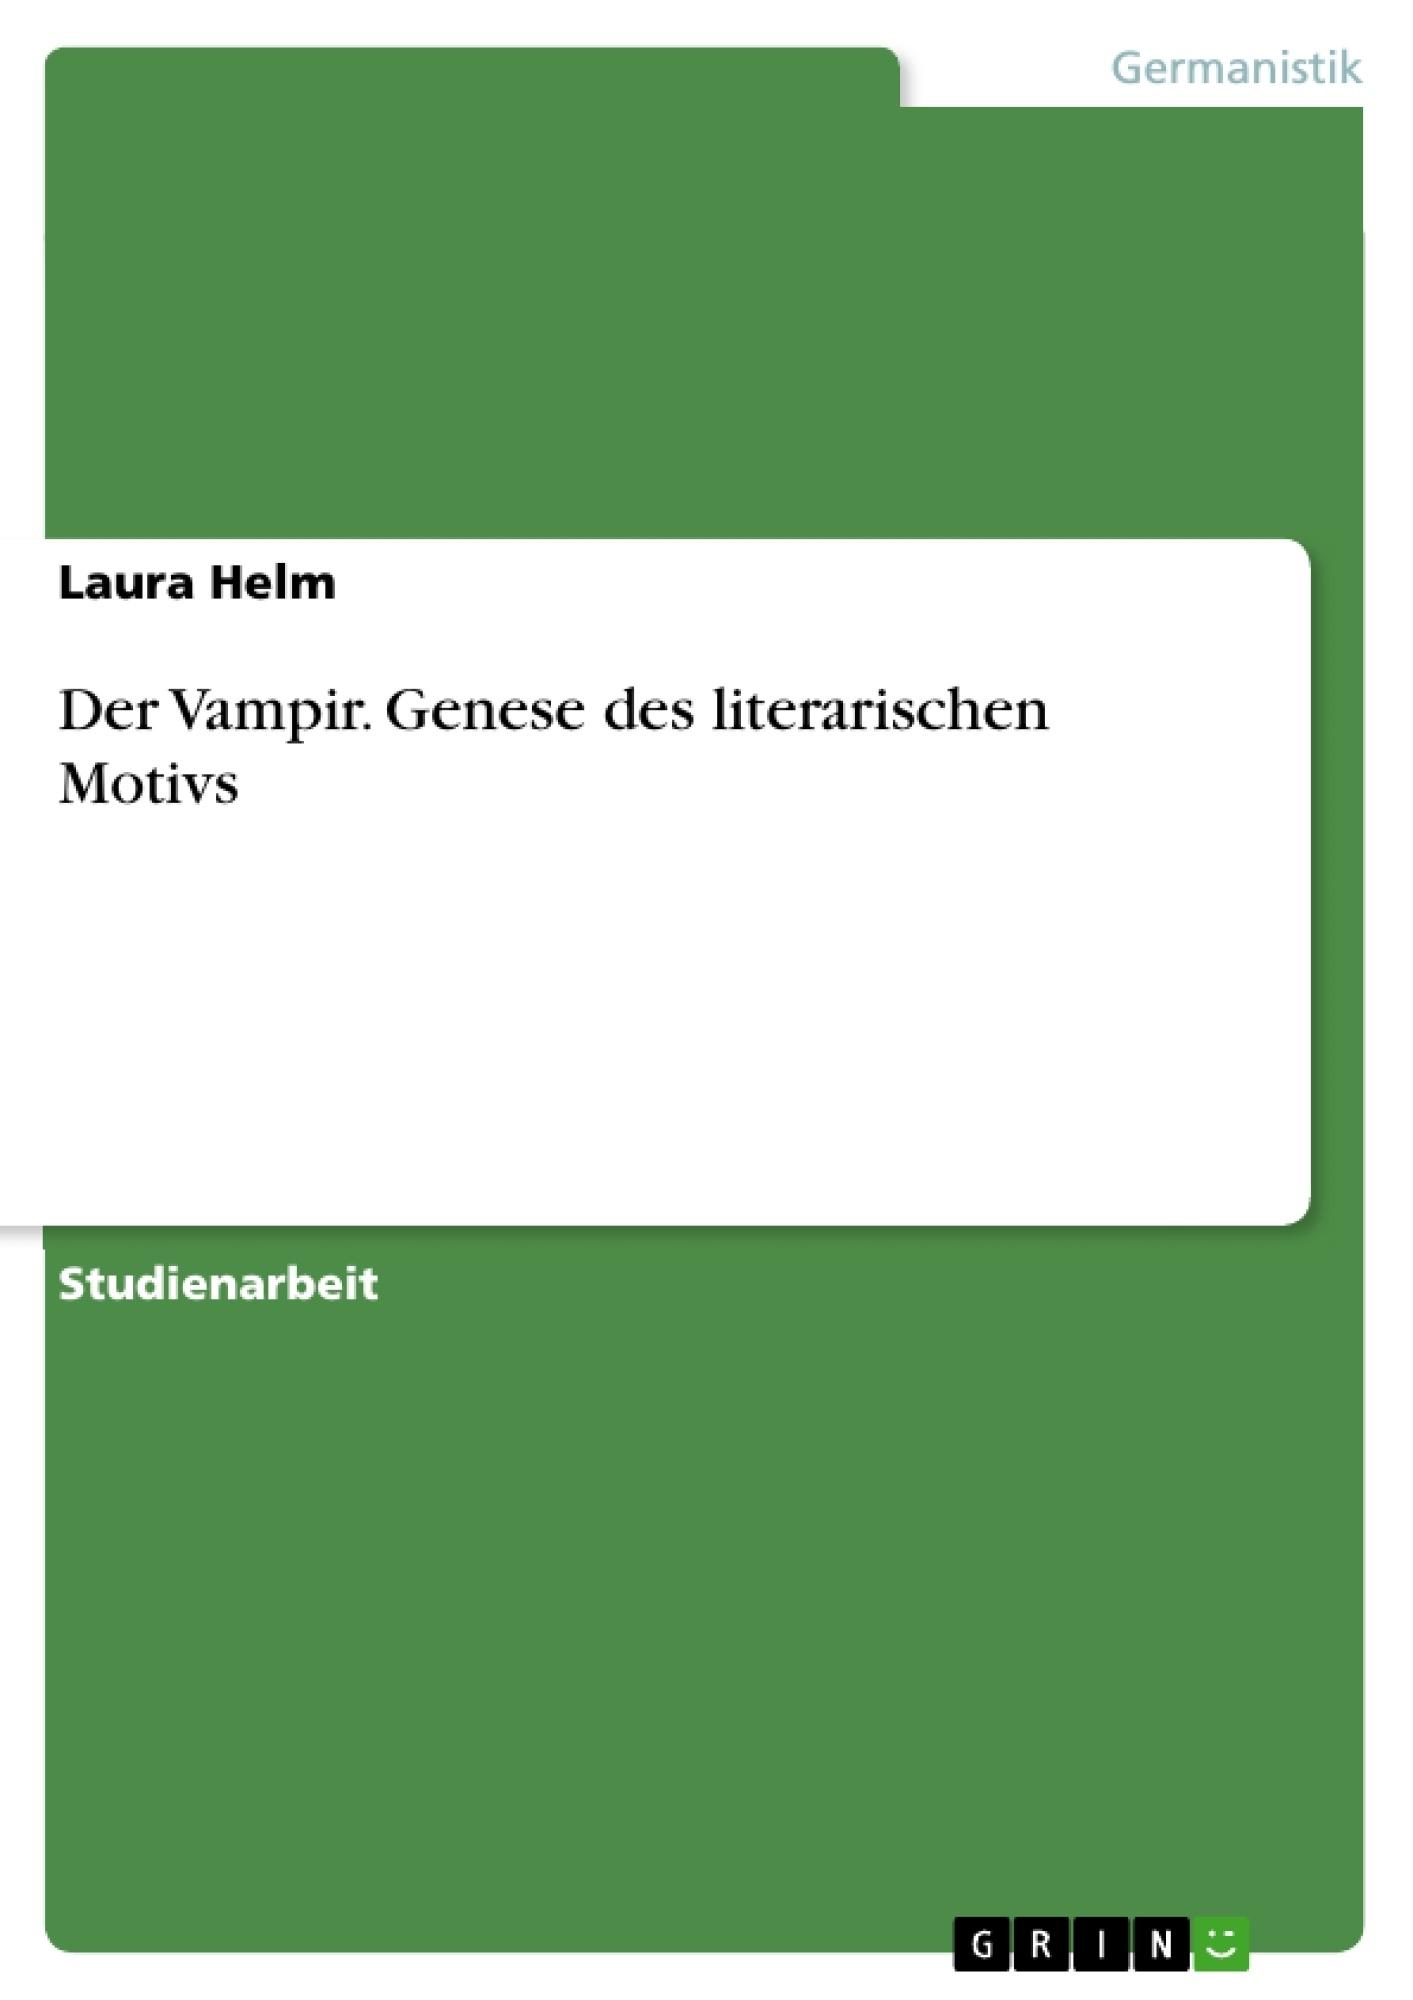 Titel: Der Vampir. Genese des literarischen Motivs